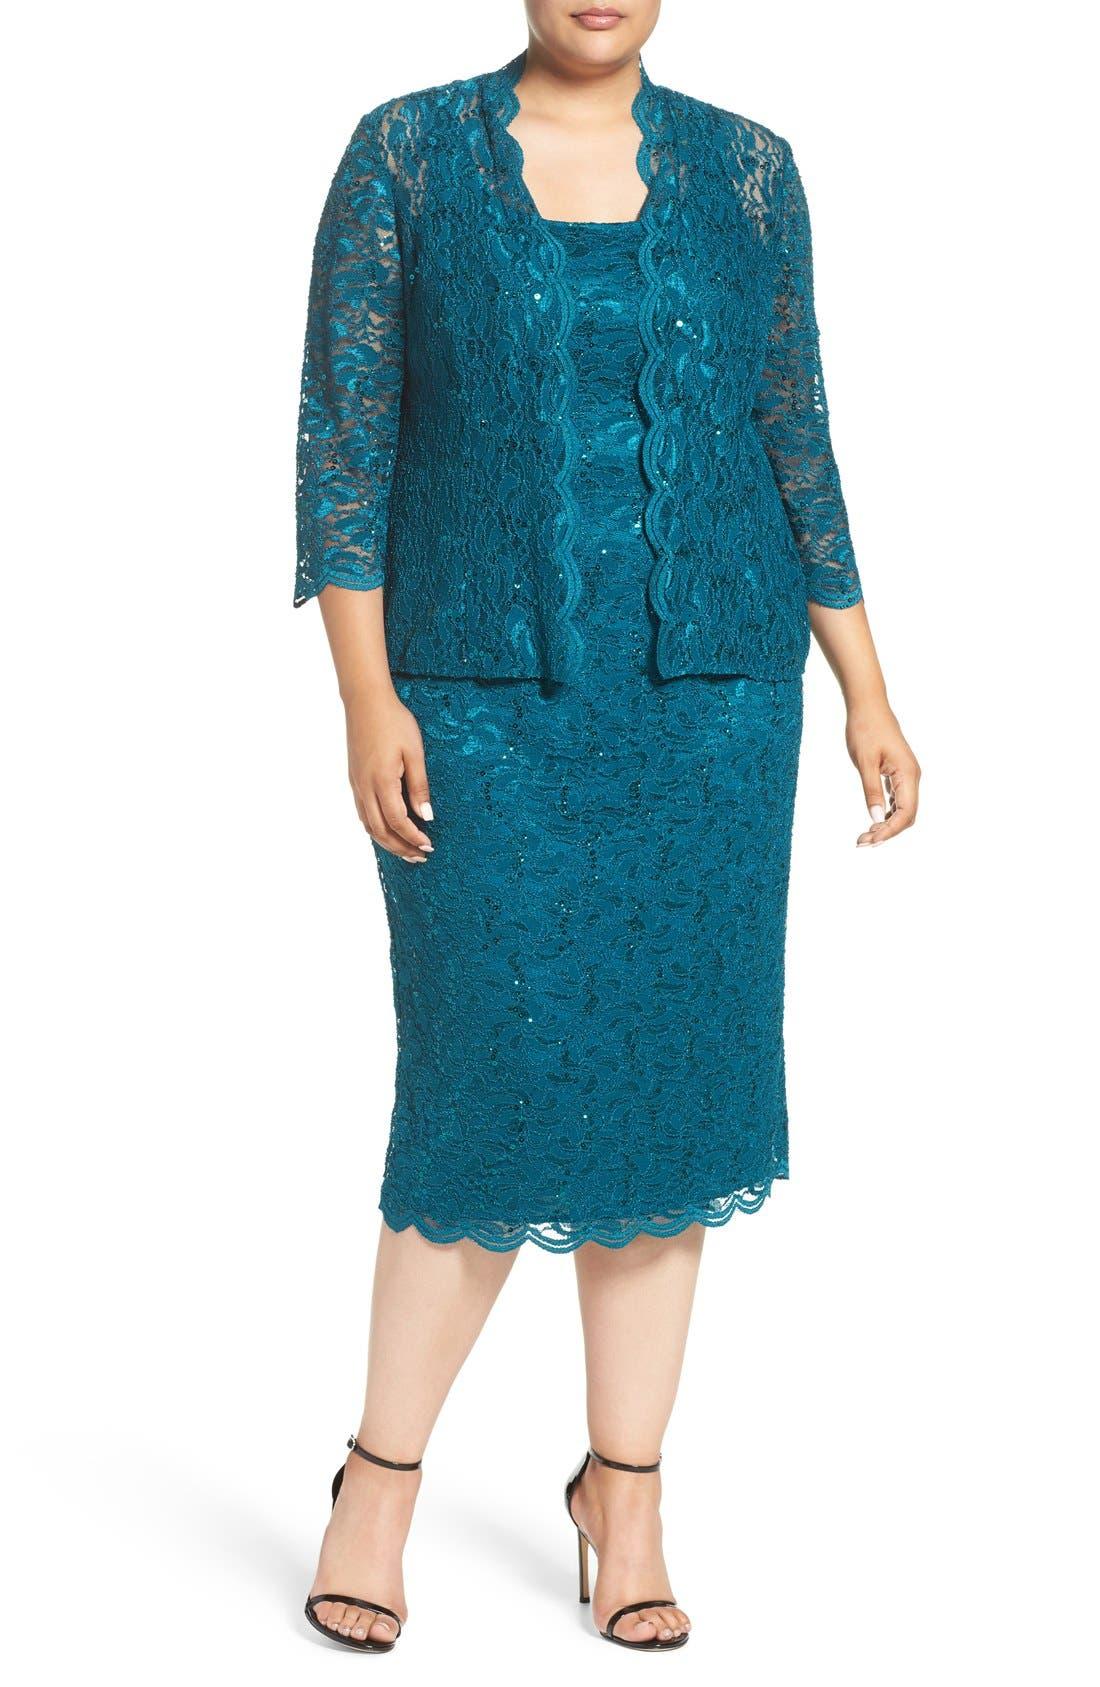 Main Image - Alex Evenings Lace Dress & Jacket (Plus Size)